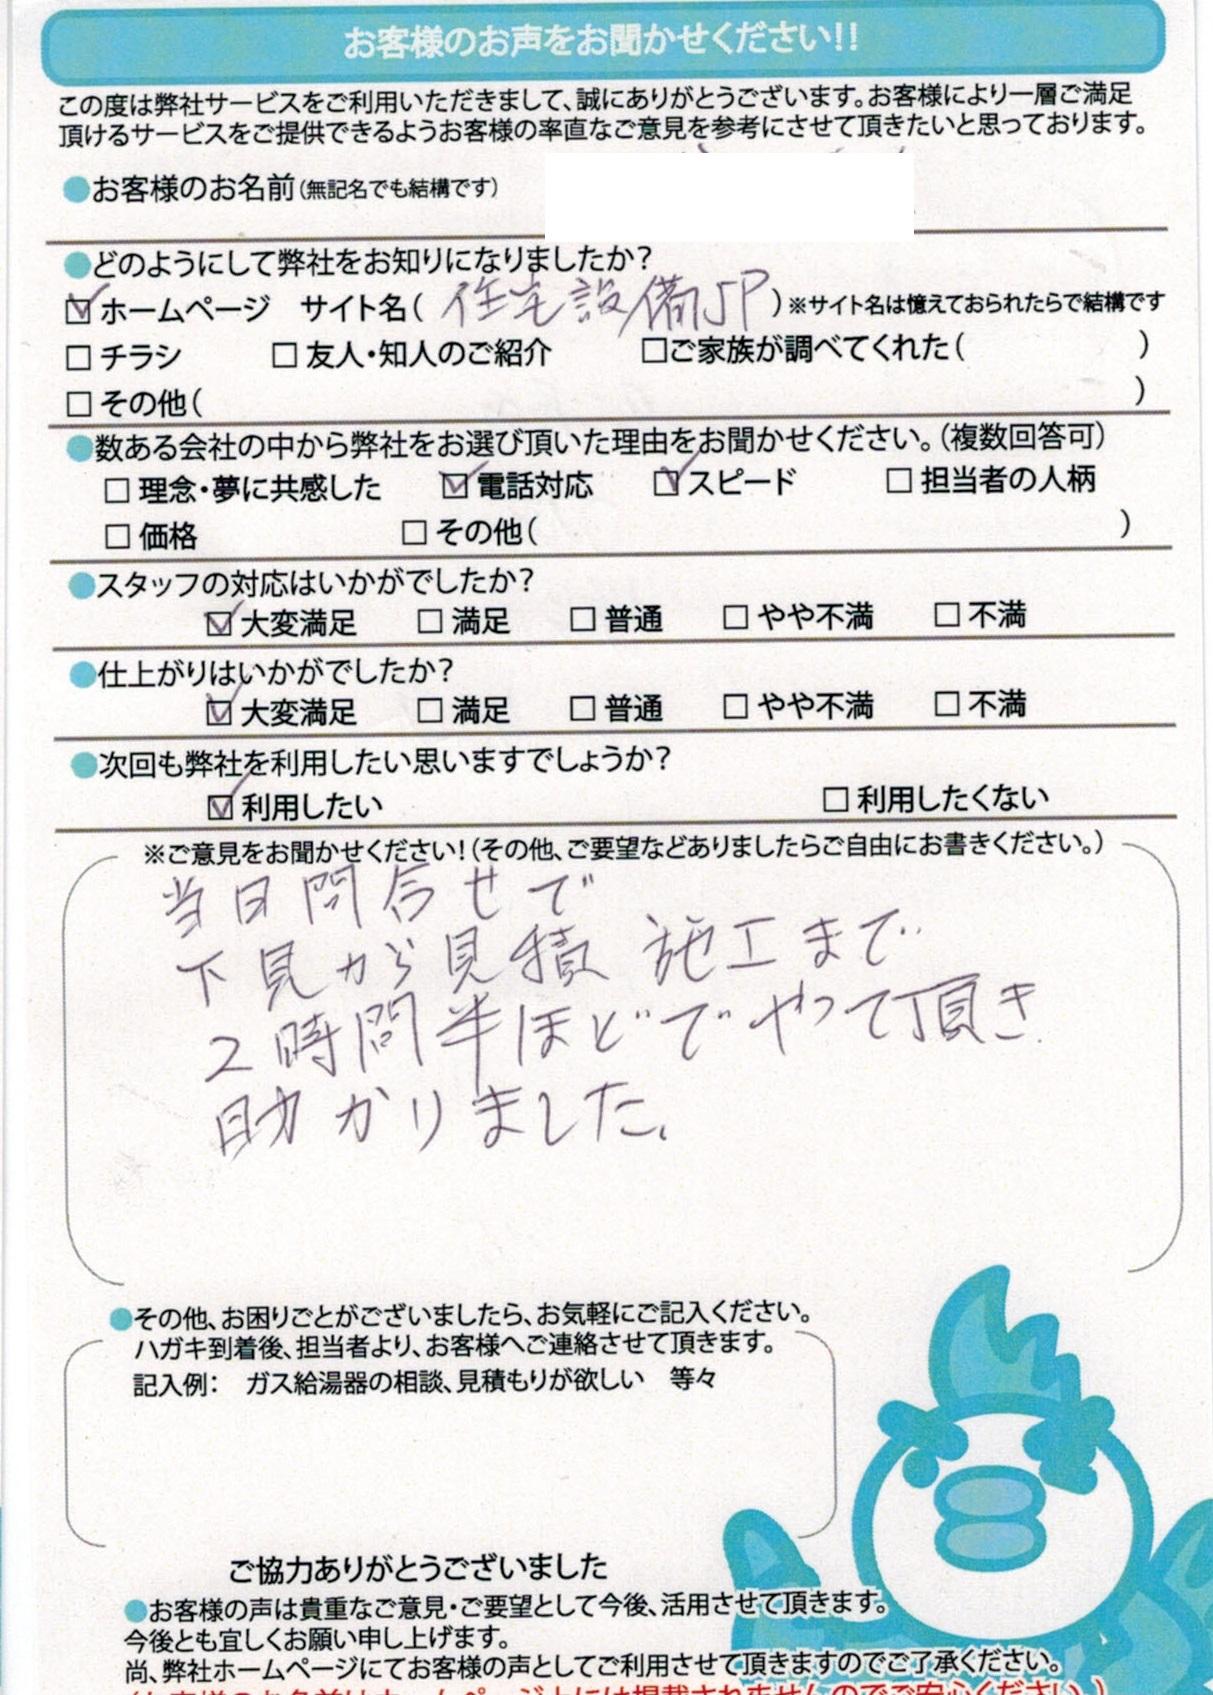 横浜市換気扇交換工事K様邸のお客様より依頼して良かったのお声